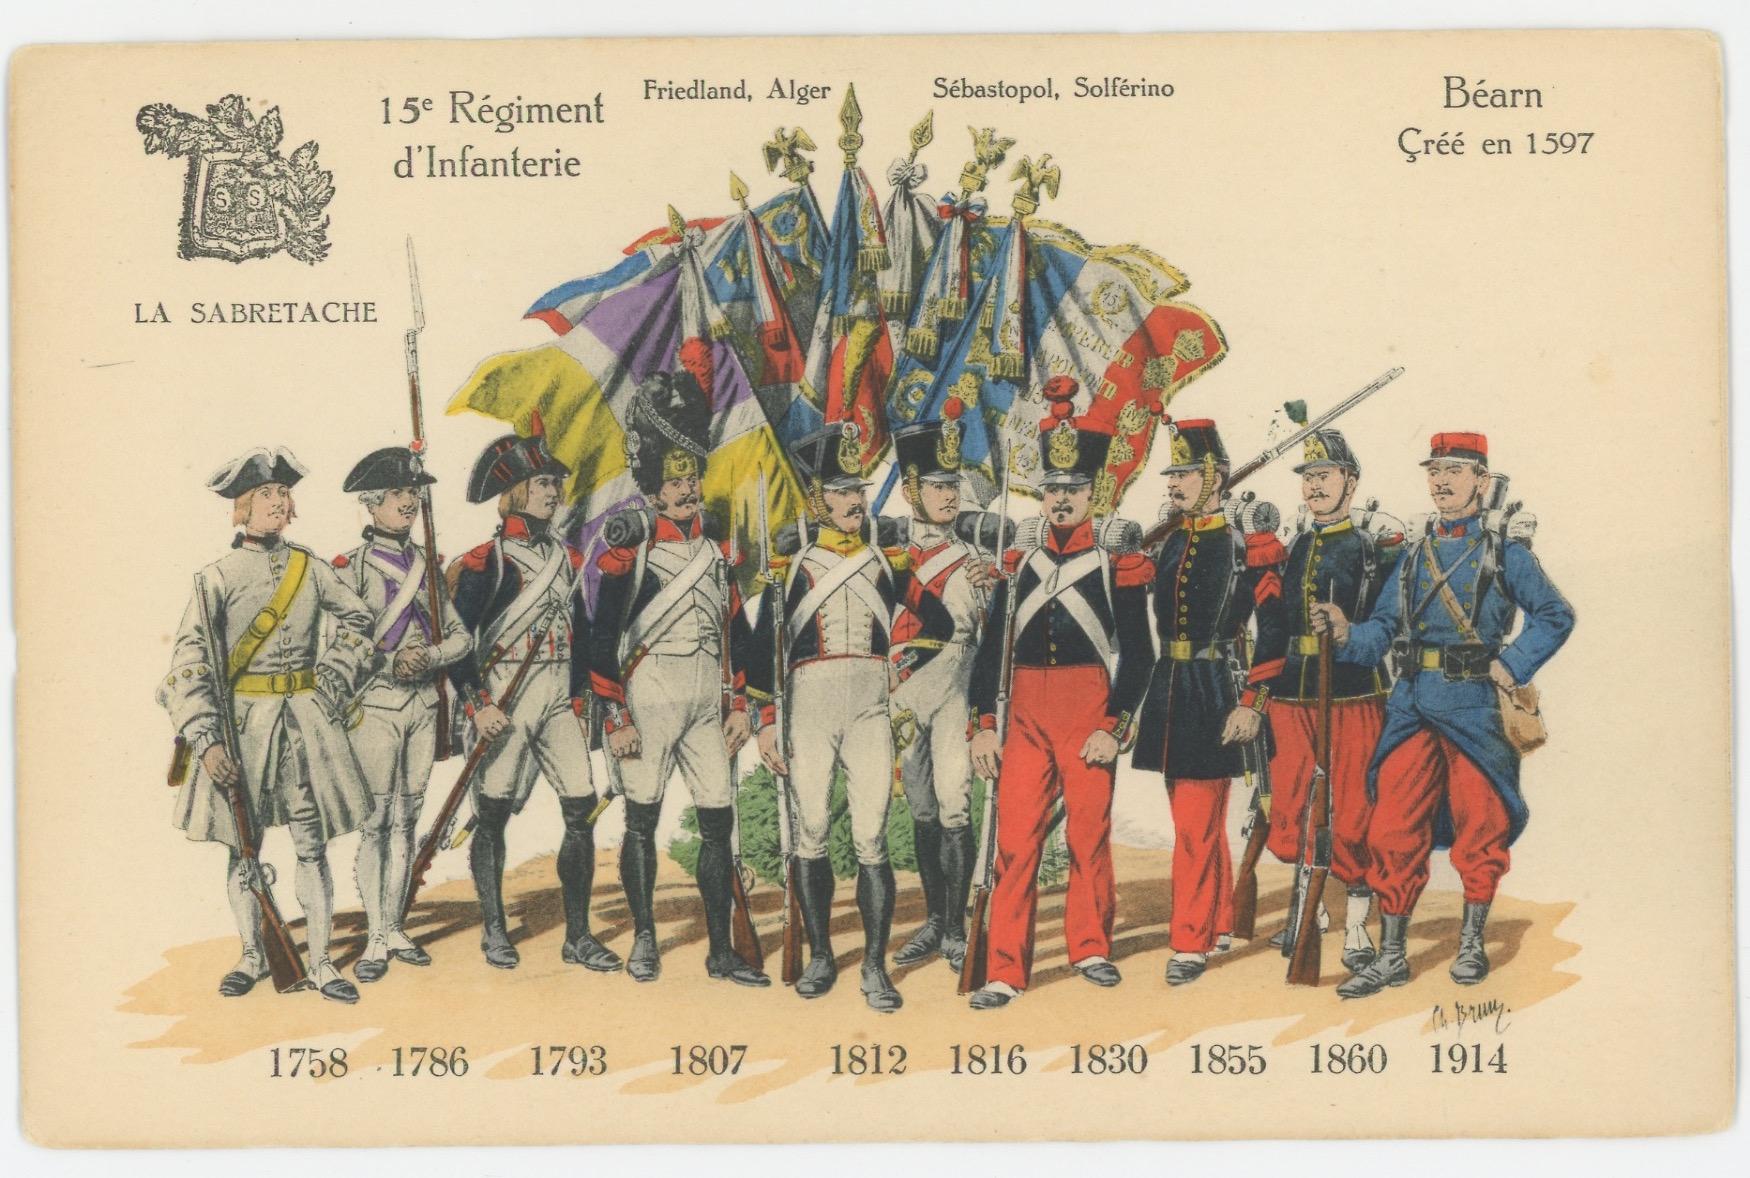 Carte Sabretache Historique Régiment - 15 Régiment d'infanterie.